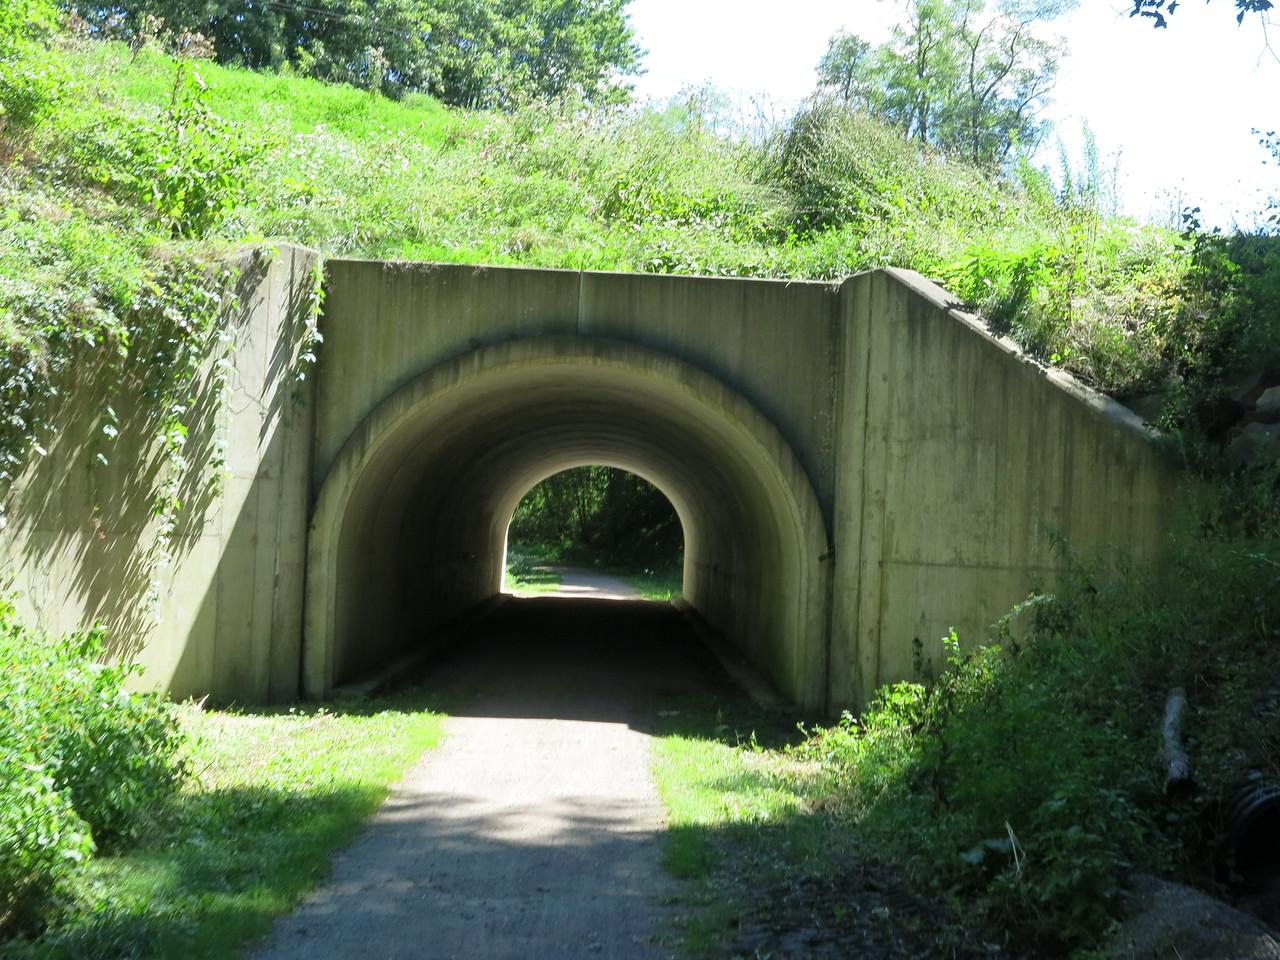 Short overpass